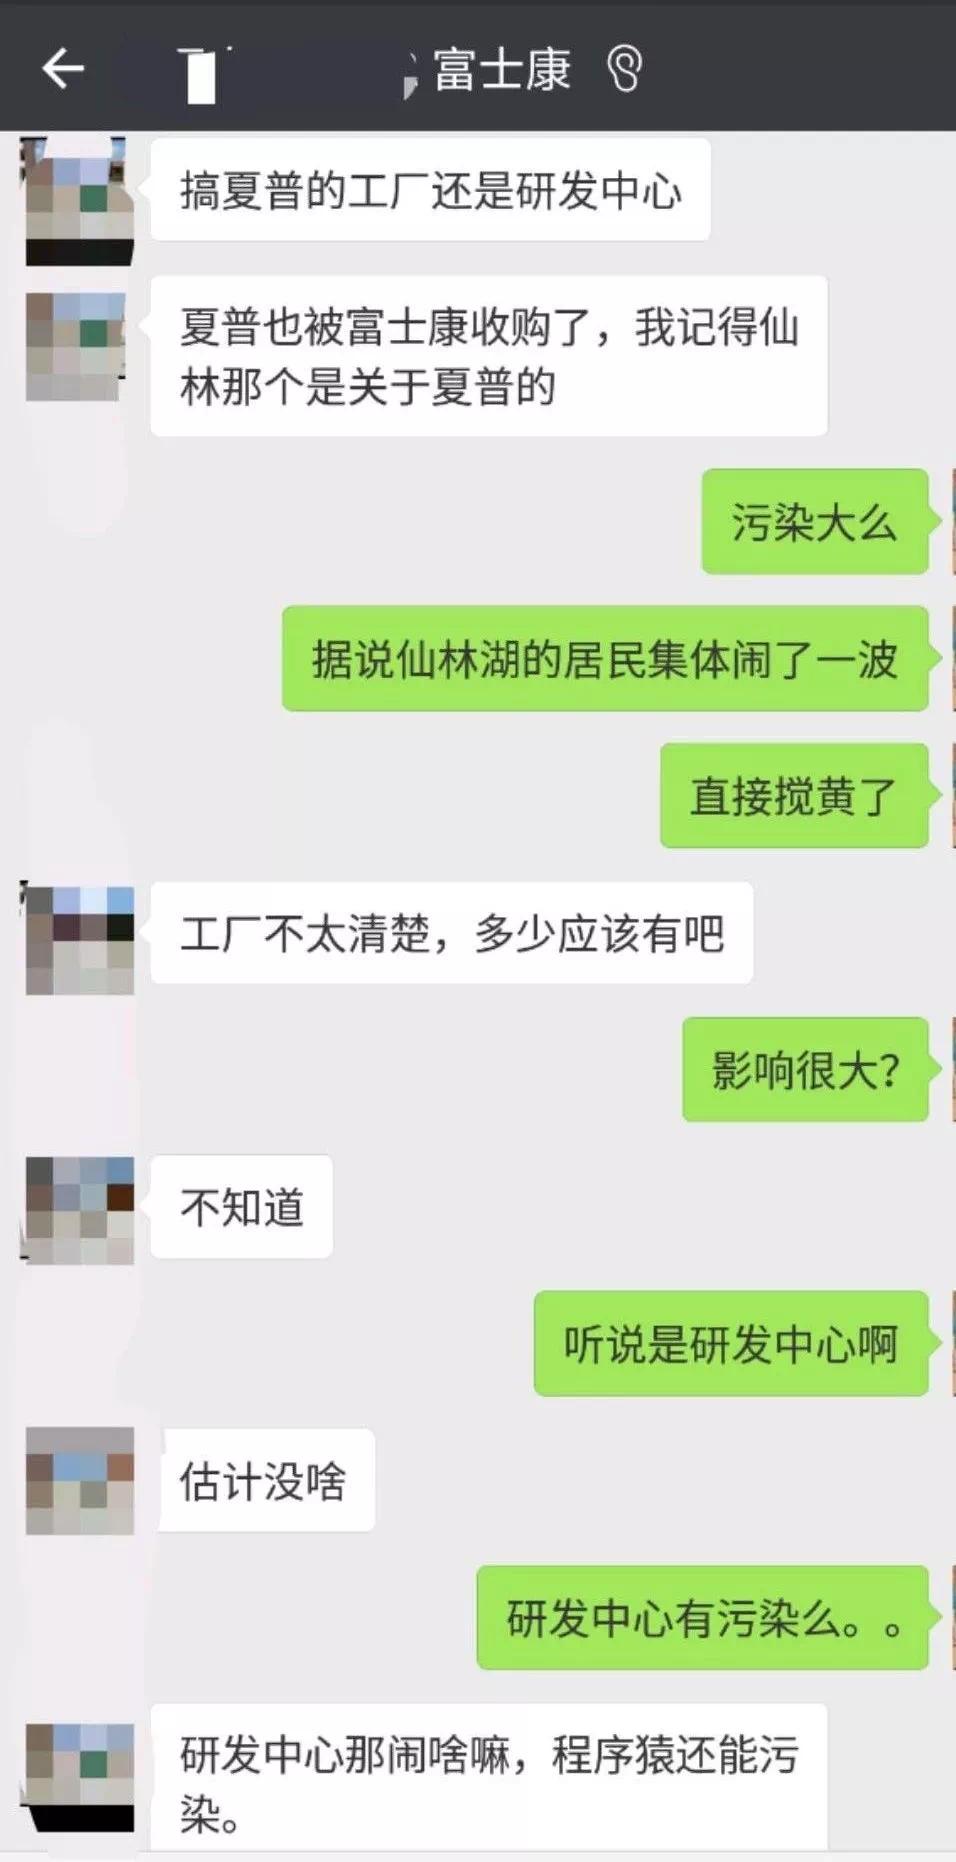 """富士康落地仙林湖疑告吹,板桥、滨江、禄口、麒麟""""随时欢迎""""?"""